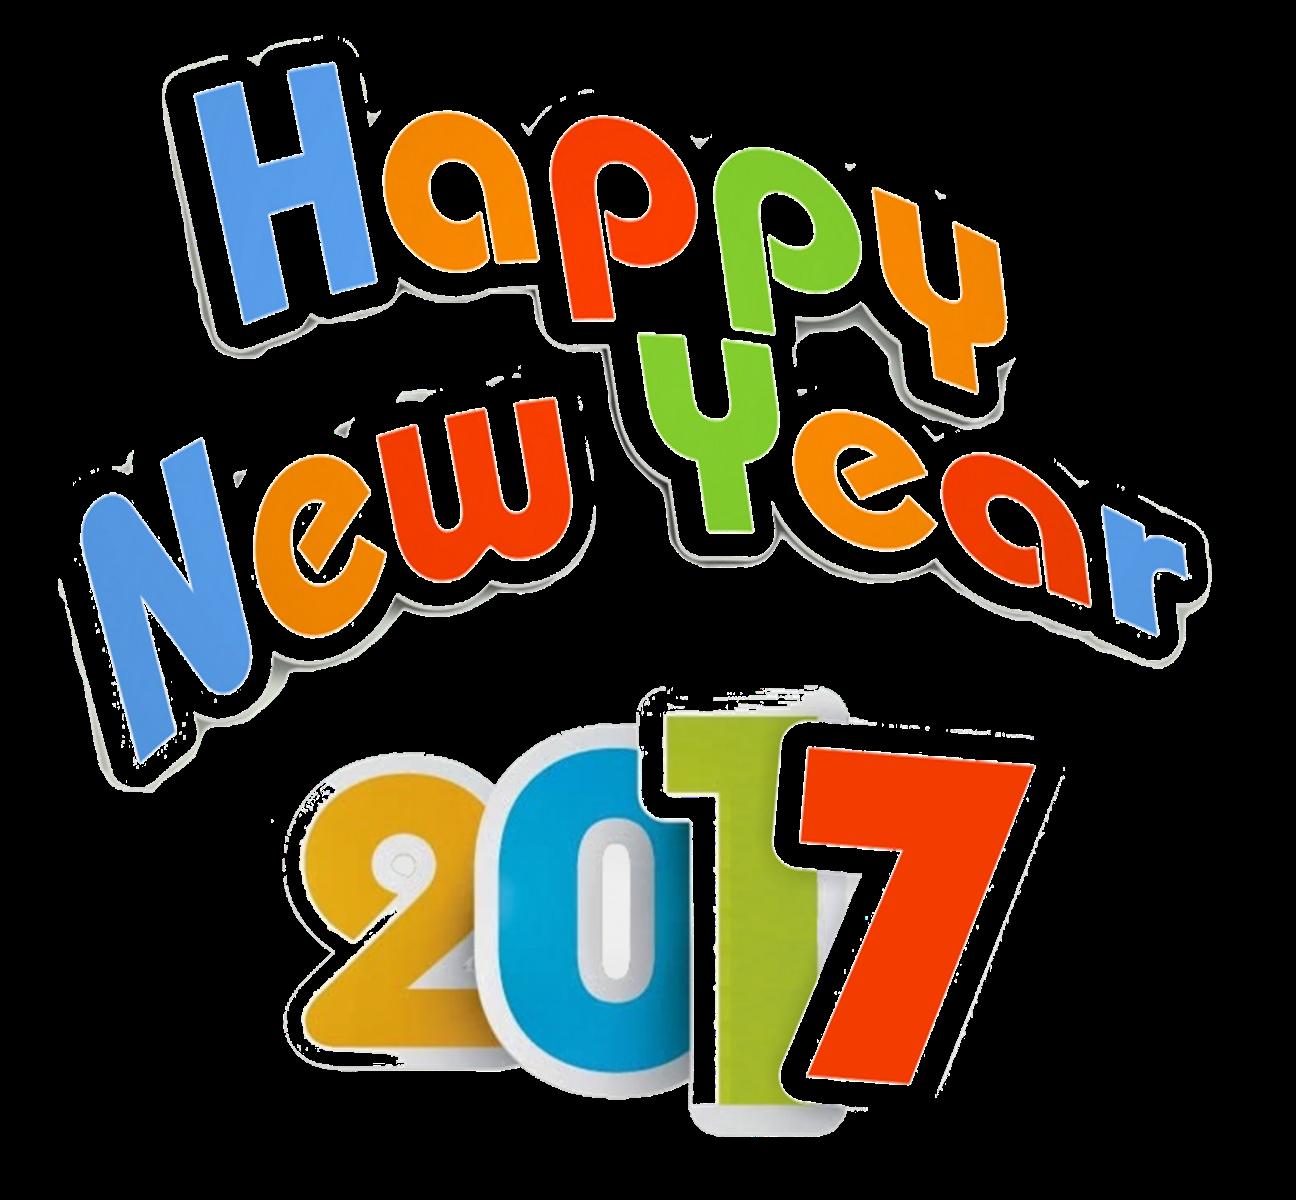 تصويت : مفاجئة الاولى افضل عضو خلال سنه 2016 - صفحة 2 New-Year-2017-PNG-1